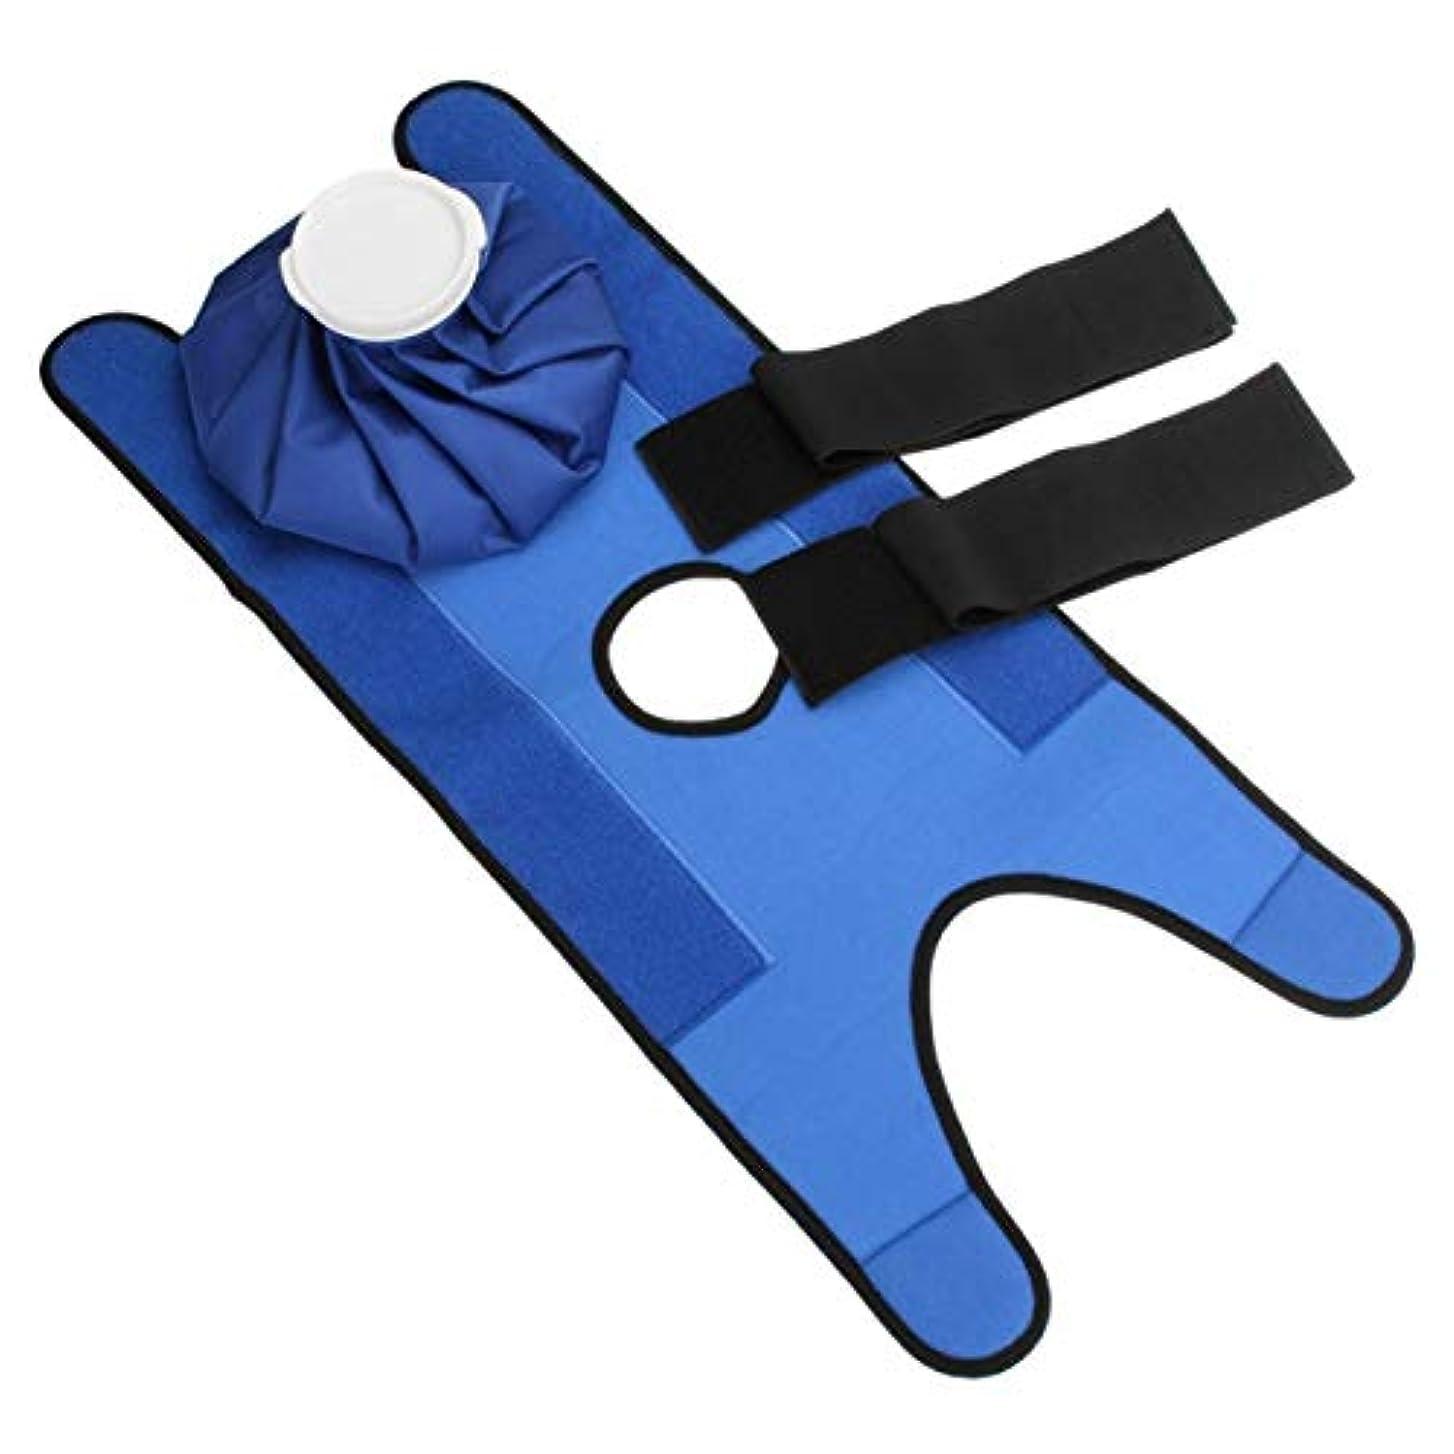 ライセンスガイダンス顕現Saikogoods 小型サイズの再使用可能なヘルスケアの膝の頭部の足の筋肉スポーツ傷害の軽減の痛みのアイスバッグ包帯が付いている無毒なアイスパック